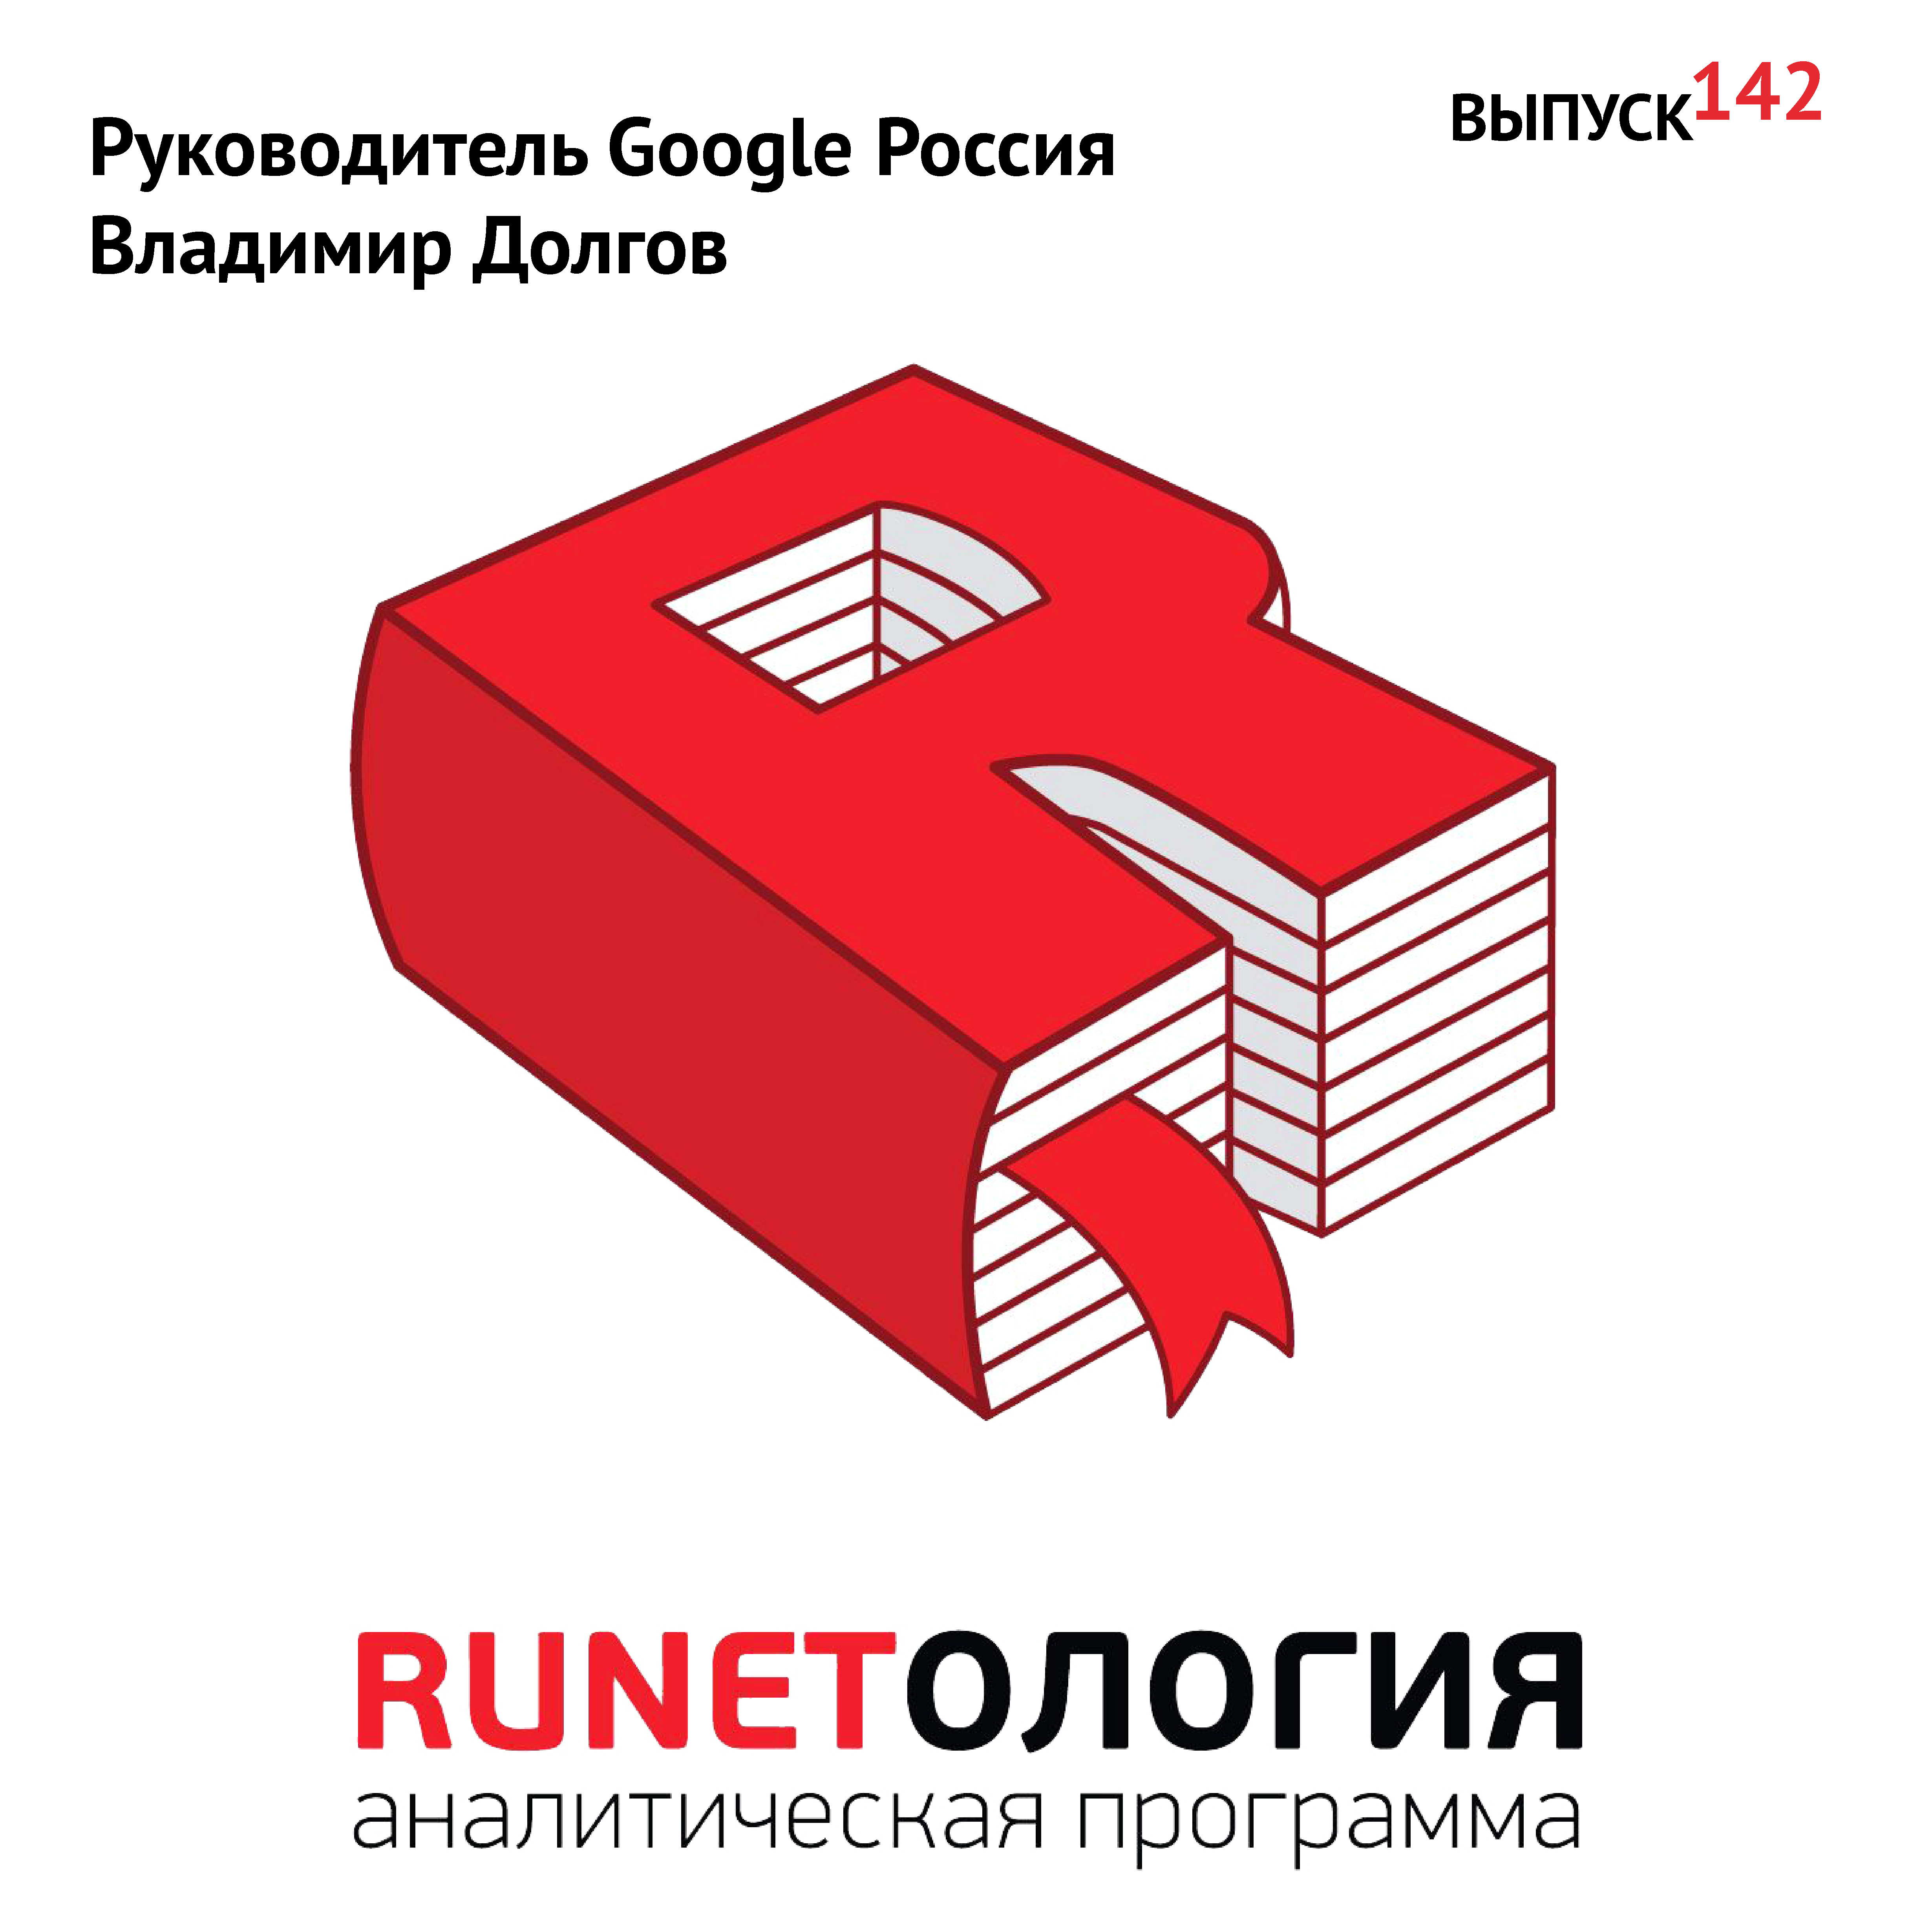 Максим Спиридонов Руководитель Google Россия Владимир Долгов